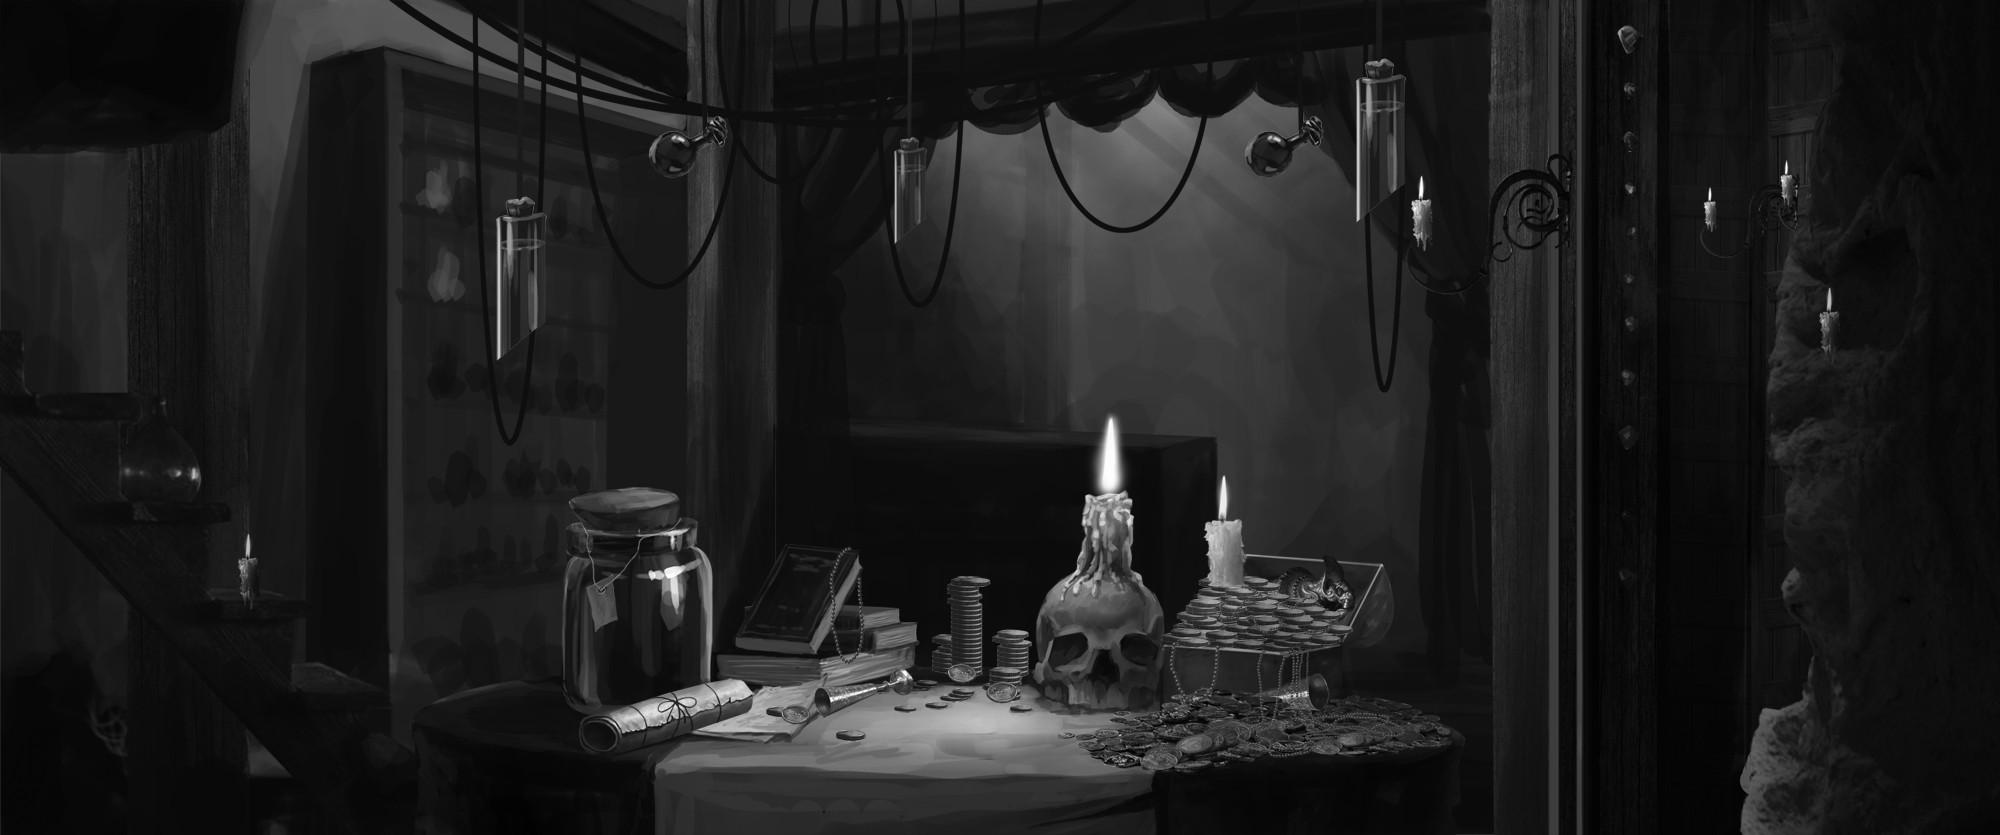 烛光黑白稿 由 leo0art 创作 | 乐艺leewiart cg精英